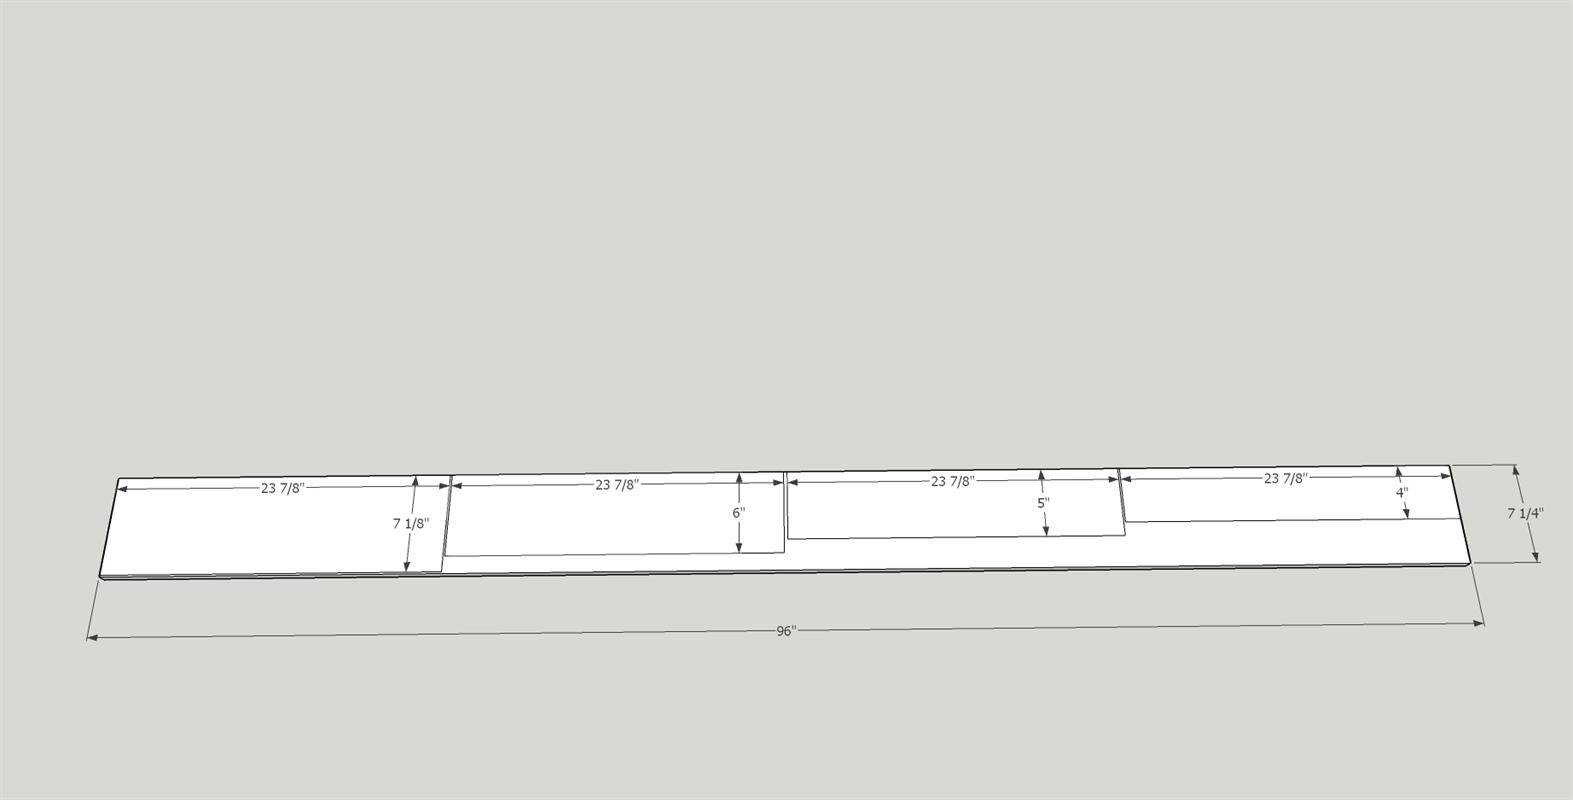 drill-press-cabinet1-poplar-cut-list